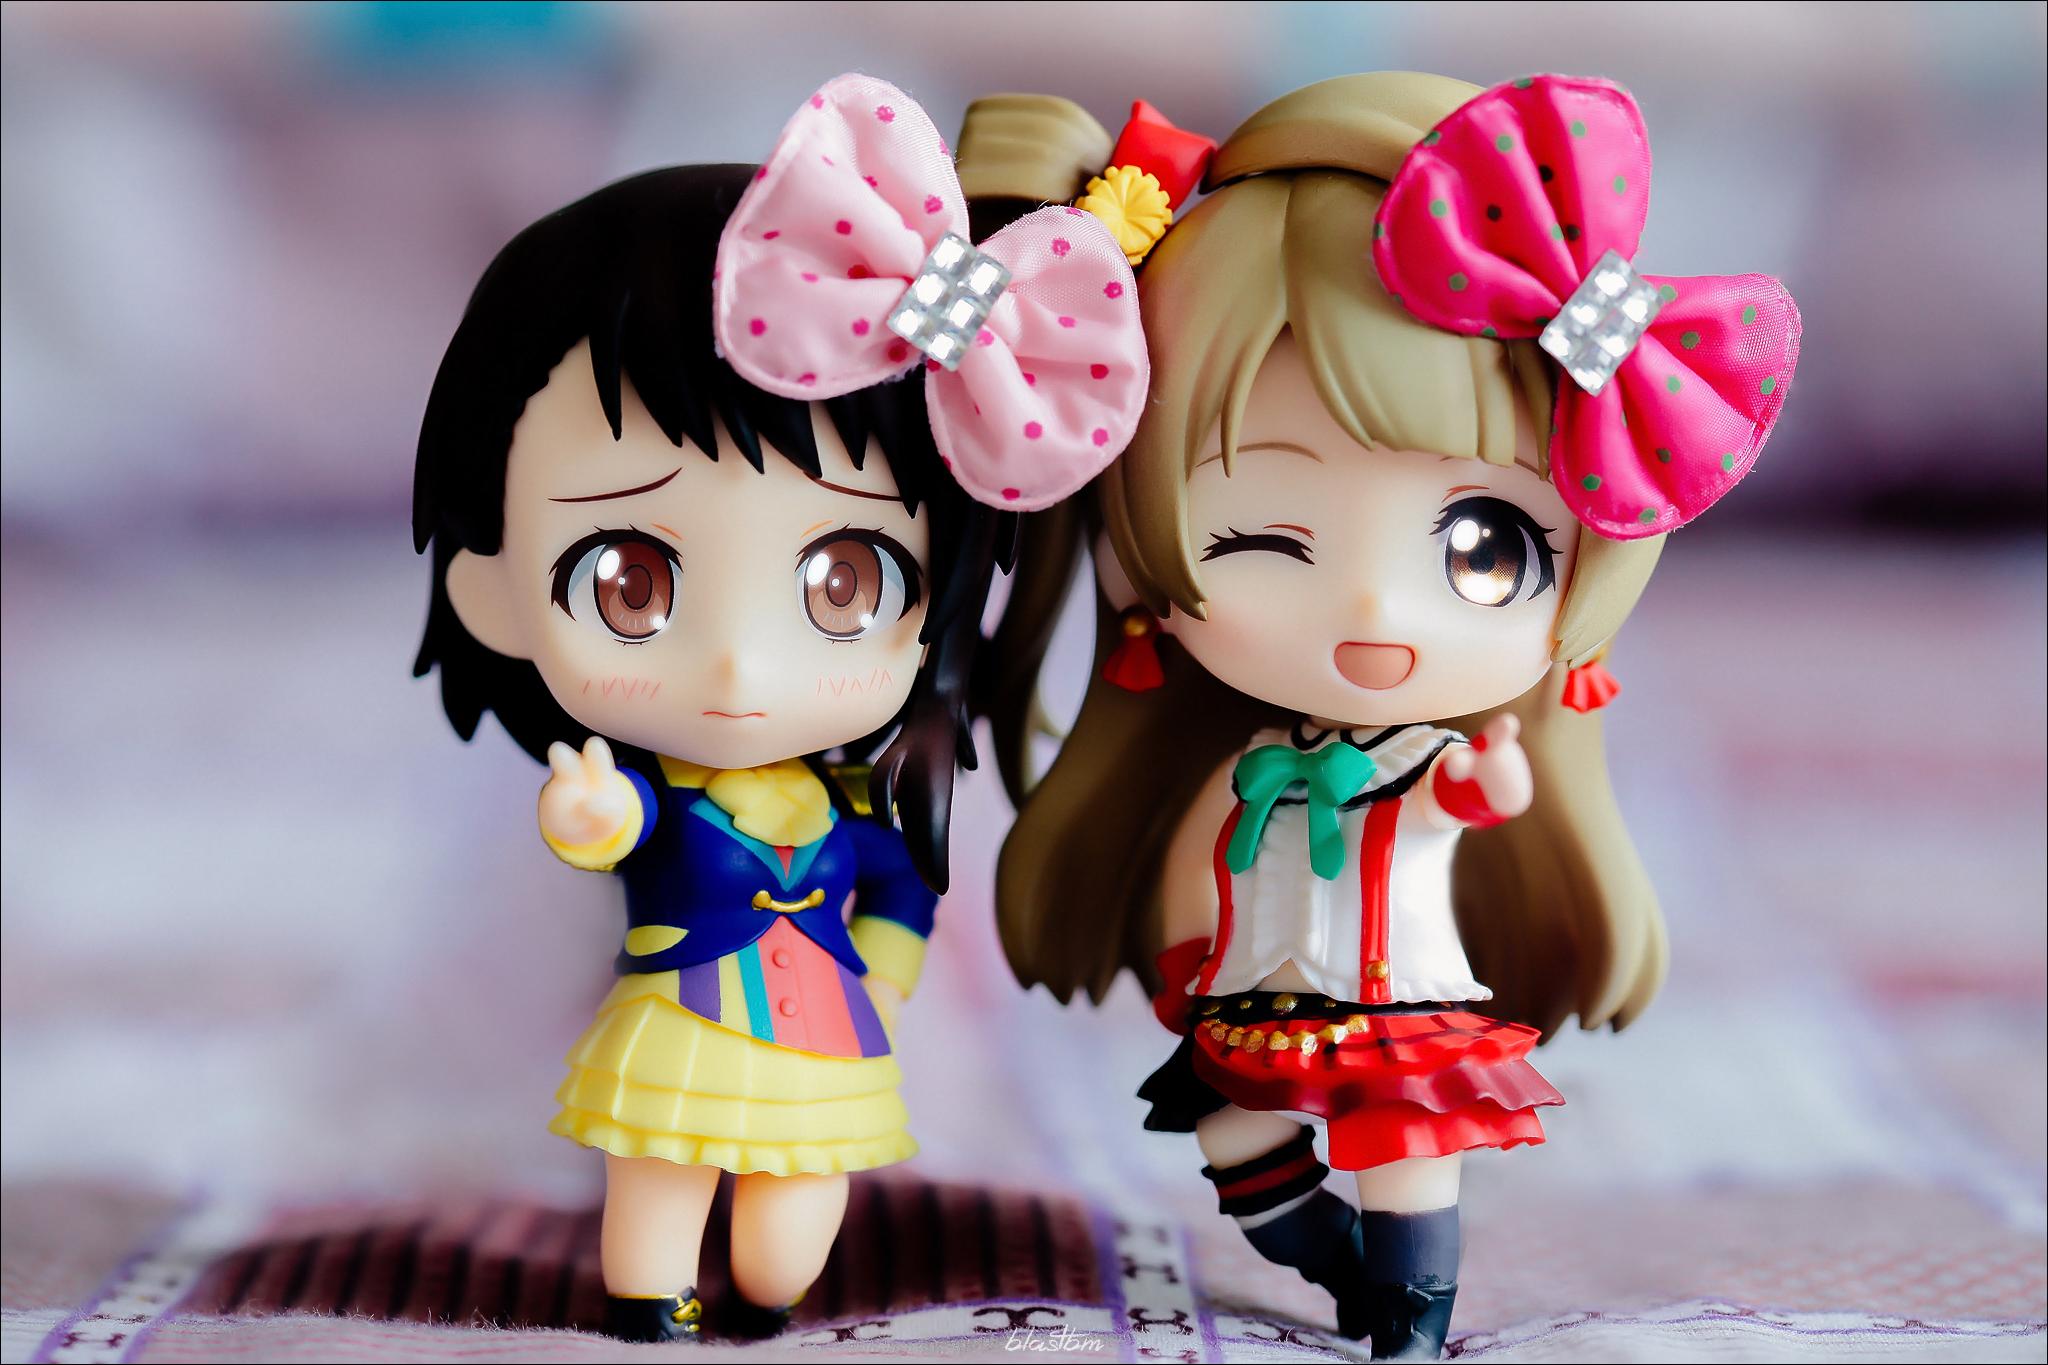 nendoroid good_smile_company shueisha nendoron love_live!_school_idol_project ehenmushi minami_kotori shichibee nisekoi komi_naoshi onodera_kosaki wake_up girls! shimada_mayu